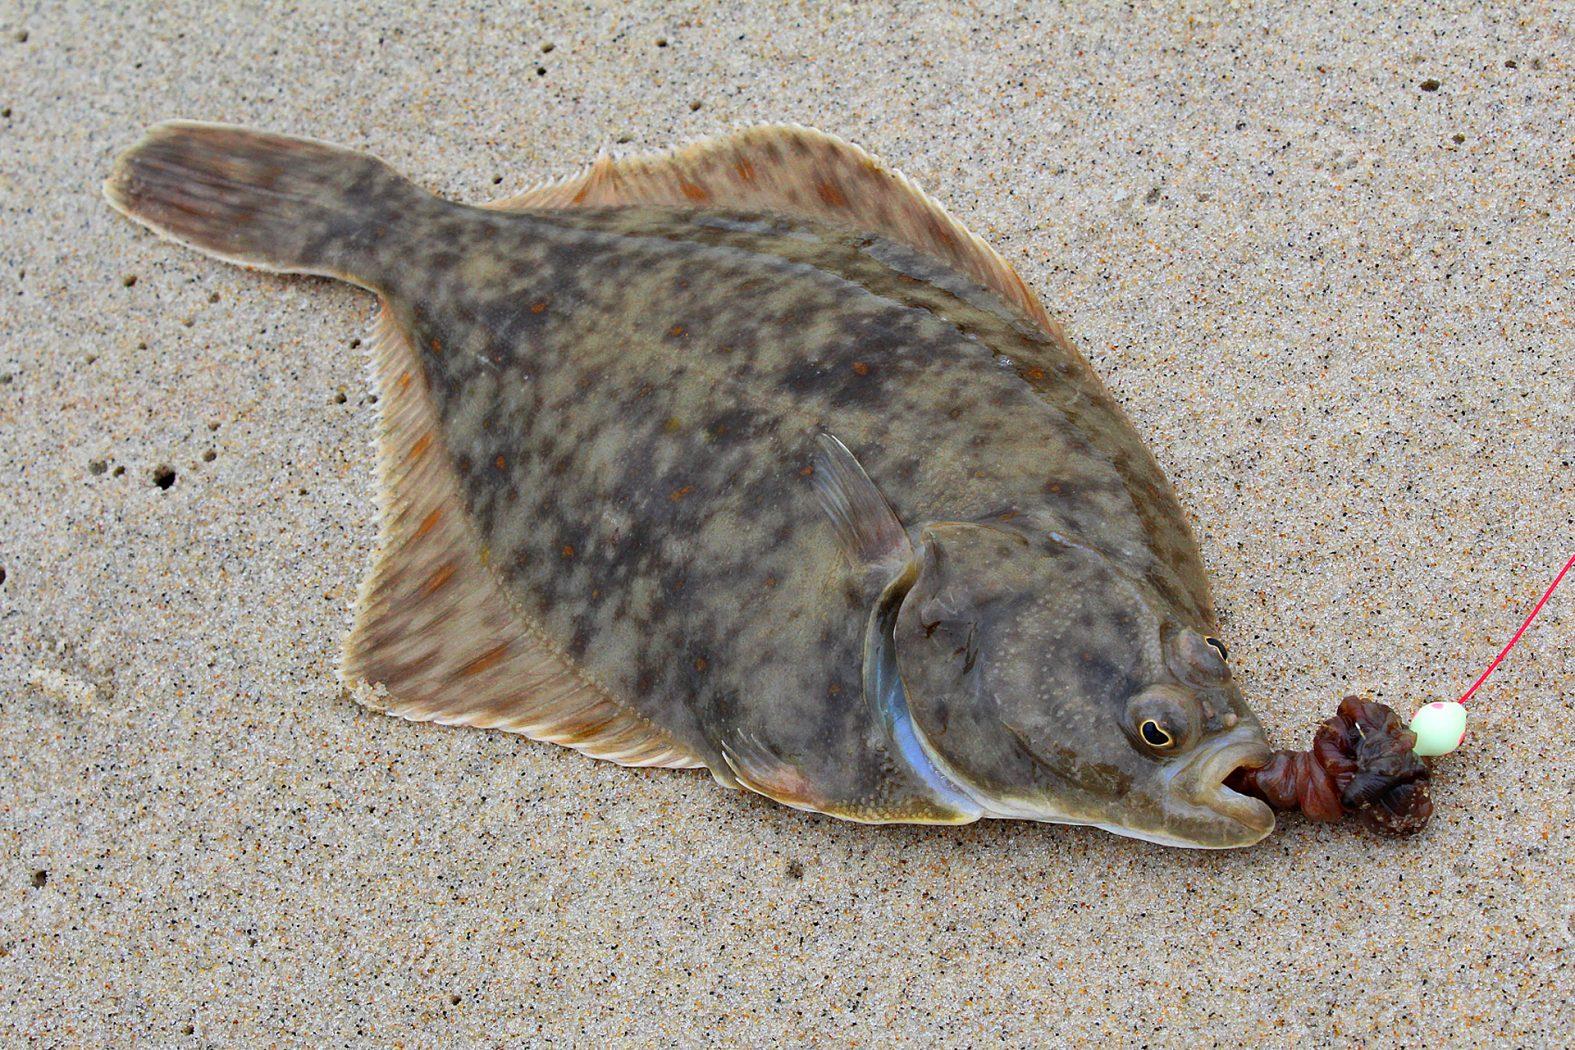 Plattfisch angeln an der Nordsee in Dänemark